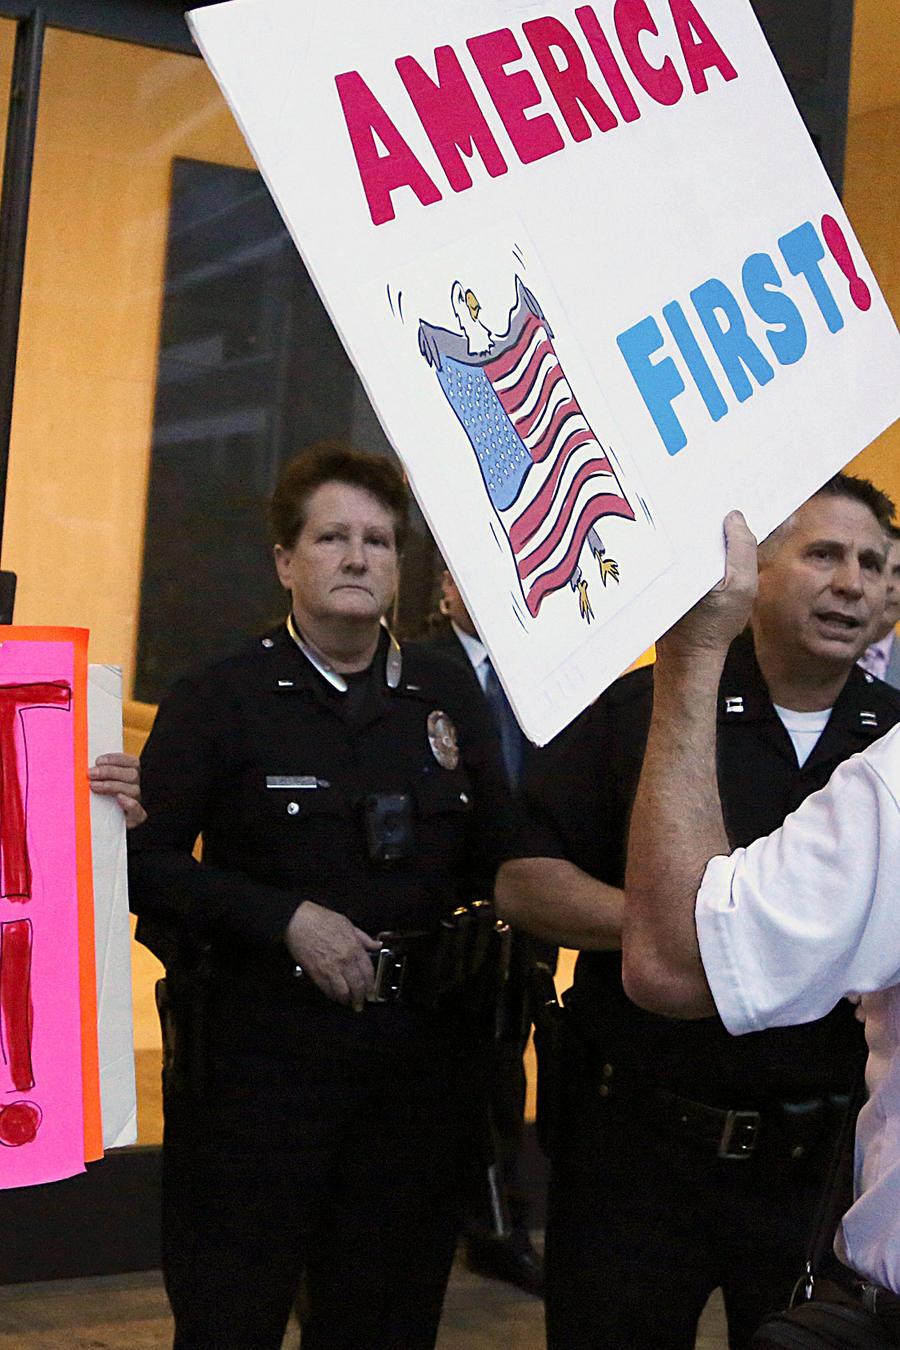 Manifestaciones sobre el programa DACA en EEUU